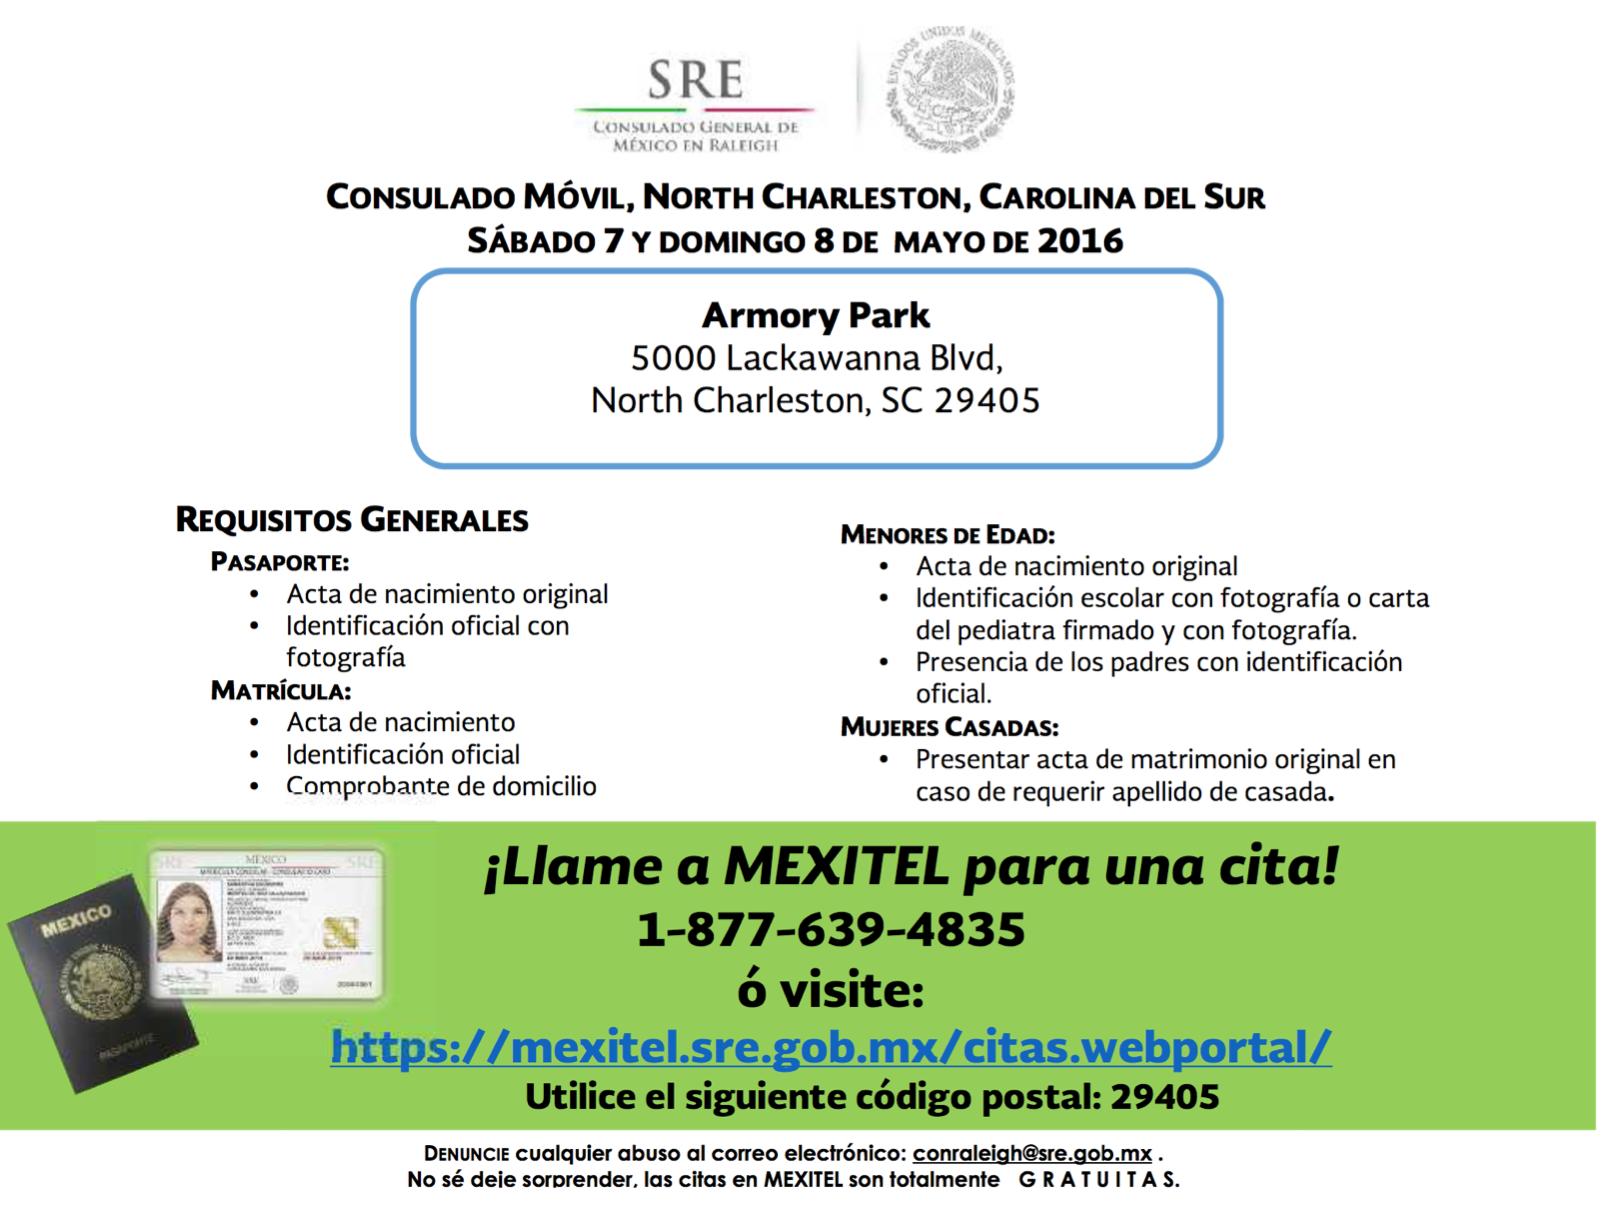 Consulado Móvil Mexicano llegará a North Charleston 7 y 8 de